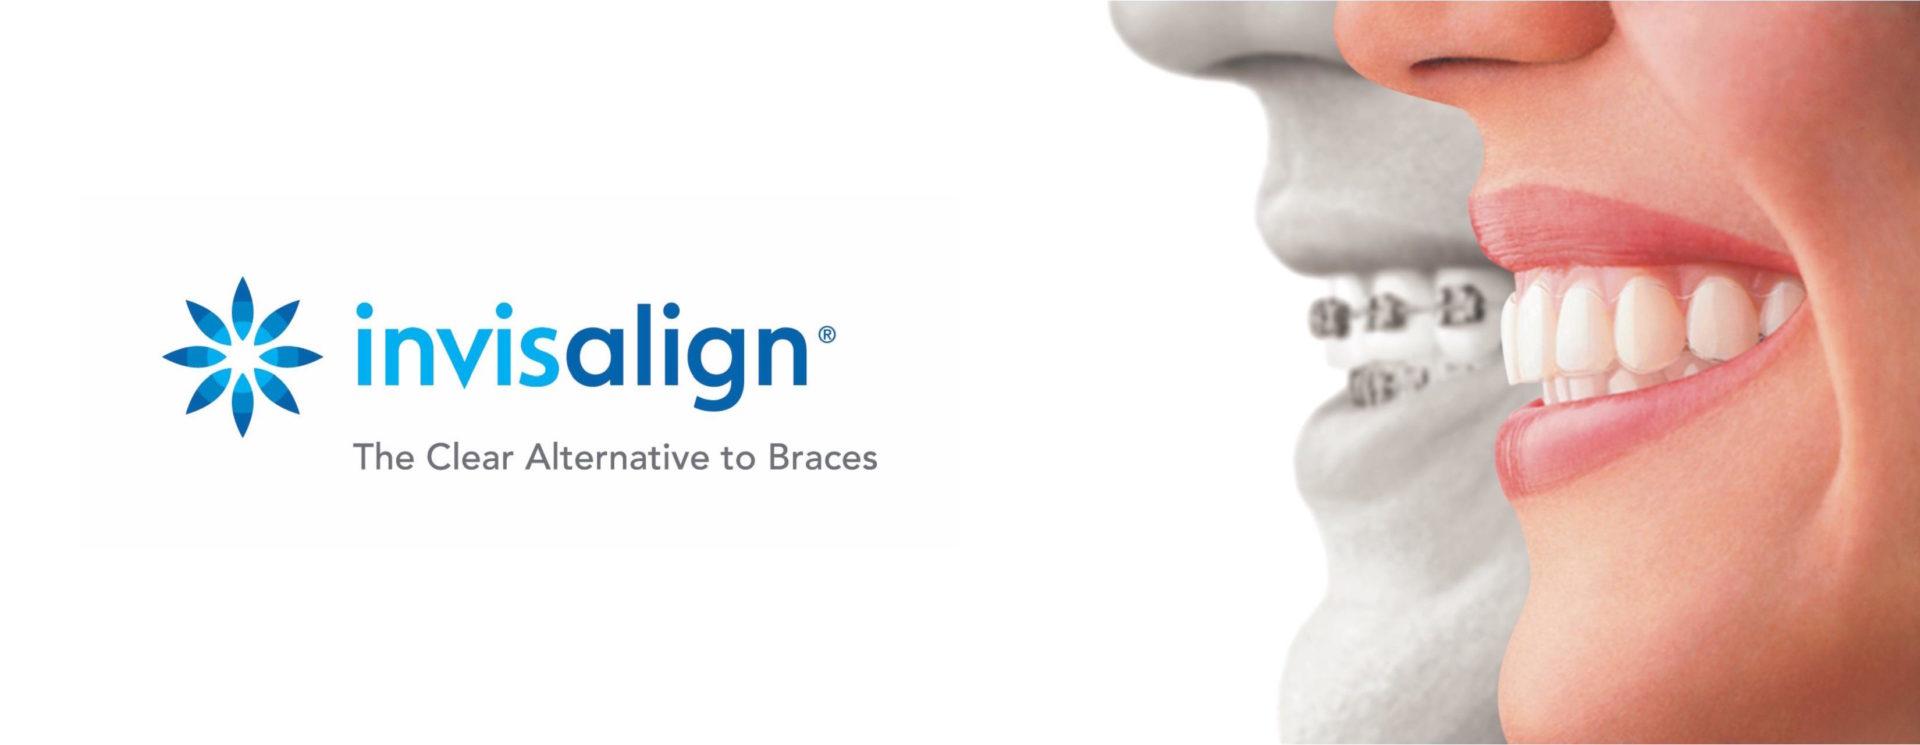 Invisalign, la ortodoncia invisible que eligen cada vez más pacientes